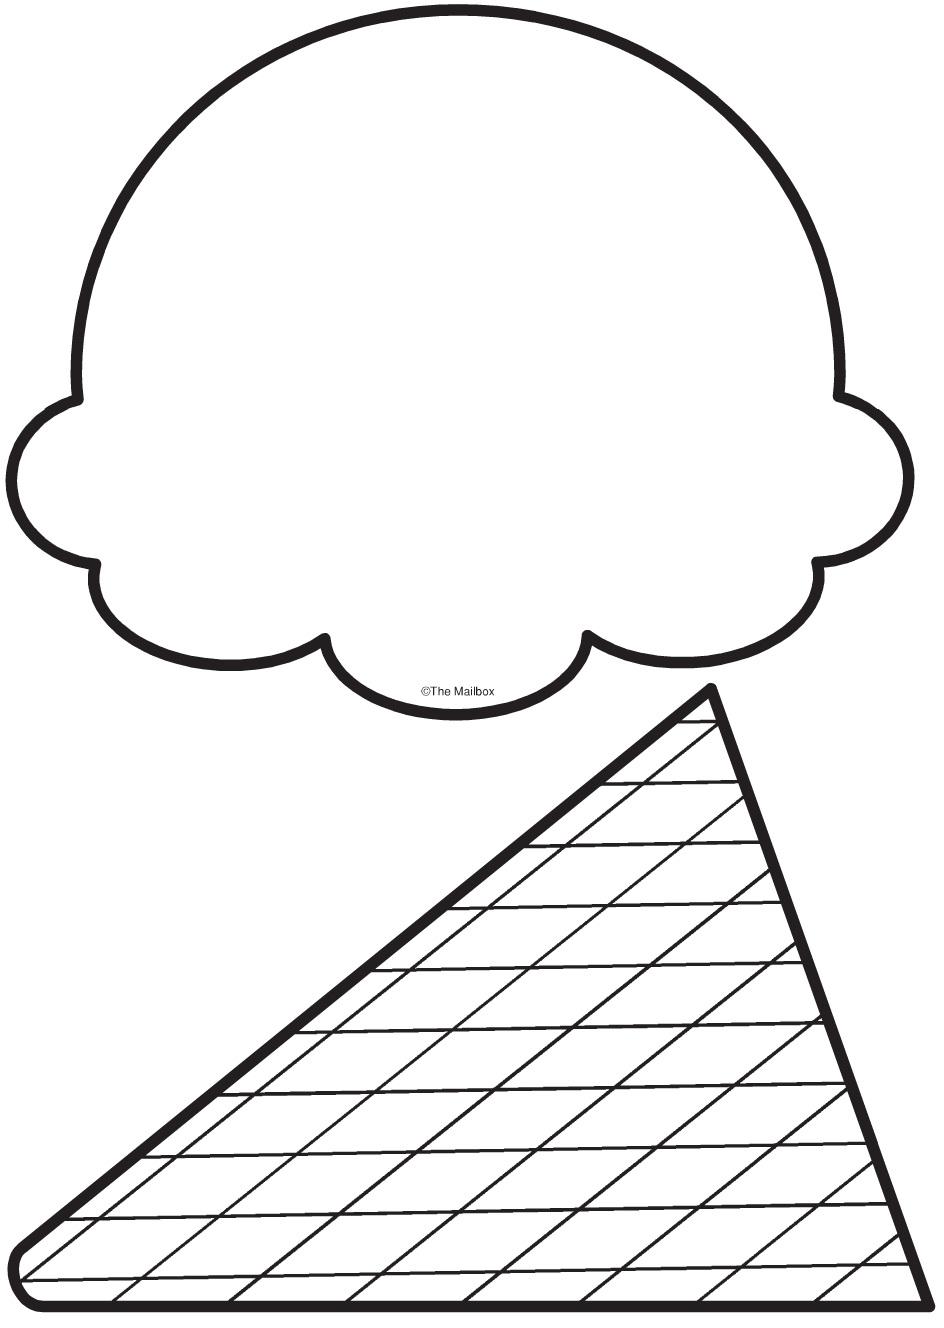 Dibujo De Cucurucho De Helado Para Colorear Dibujos Net